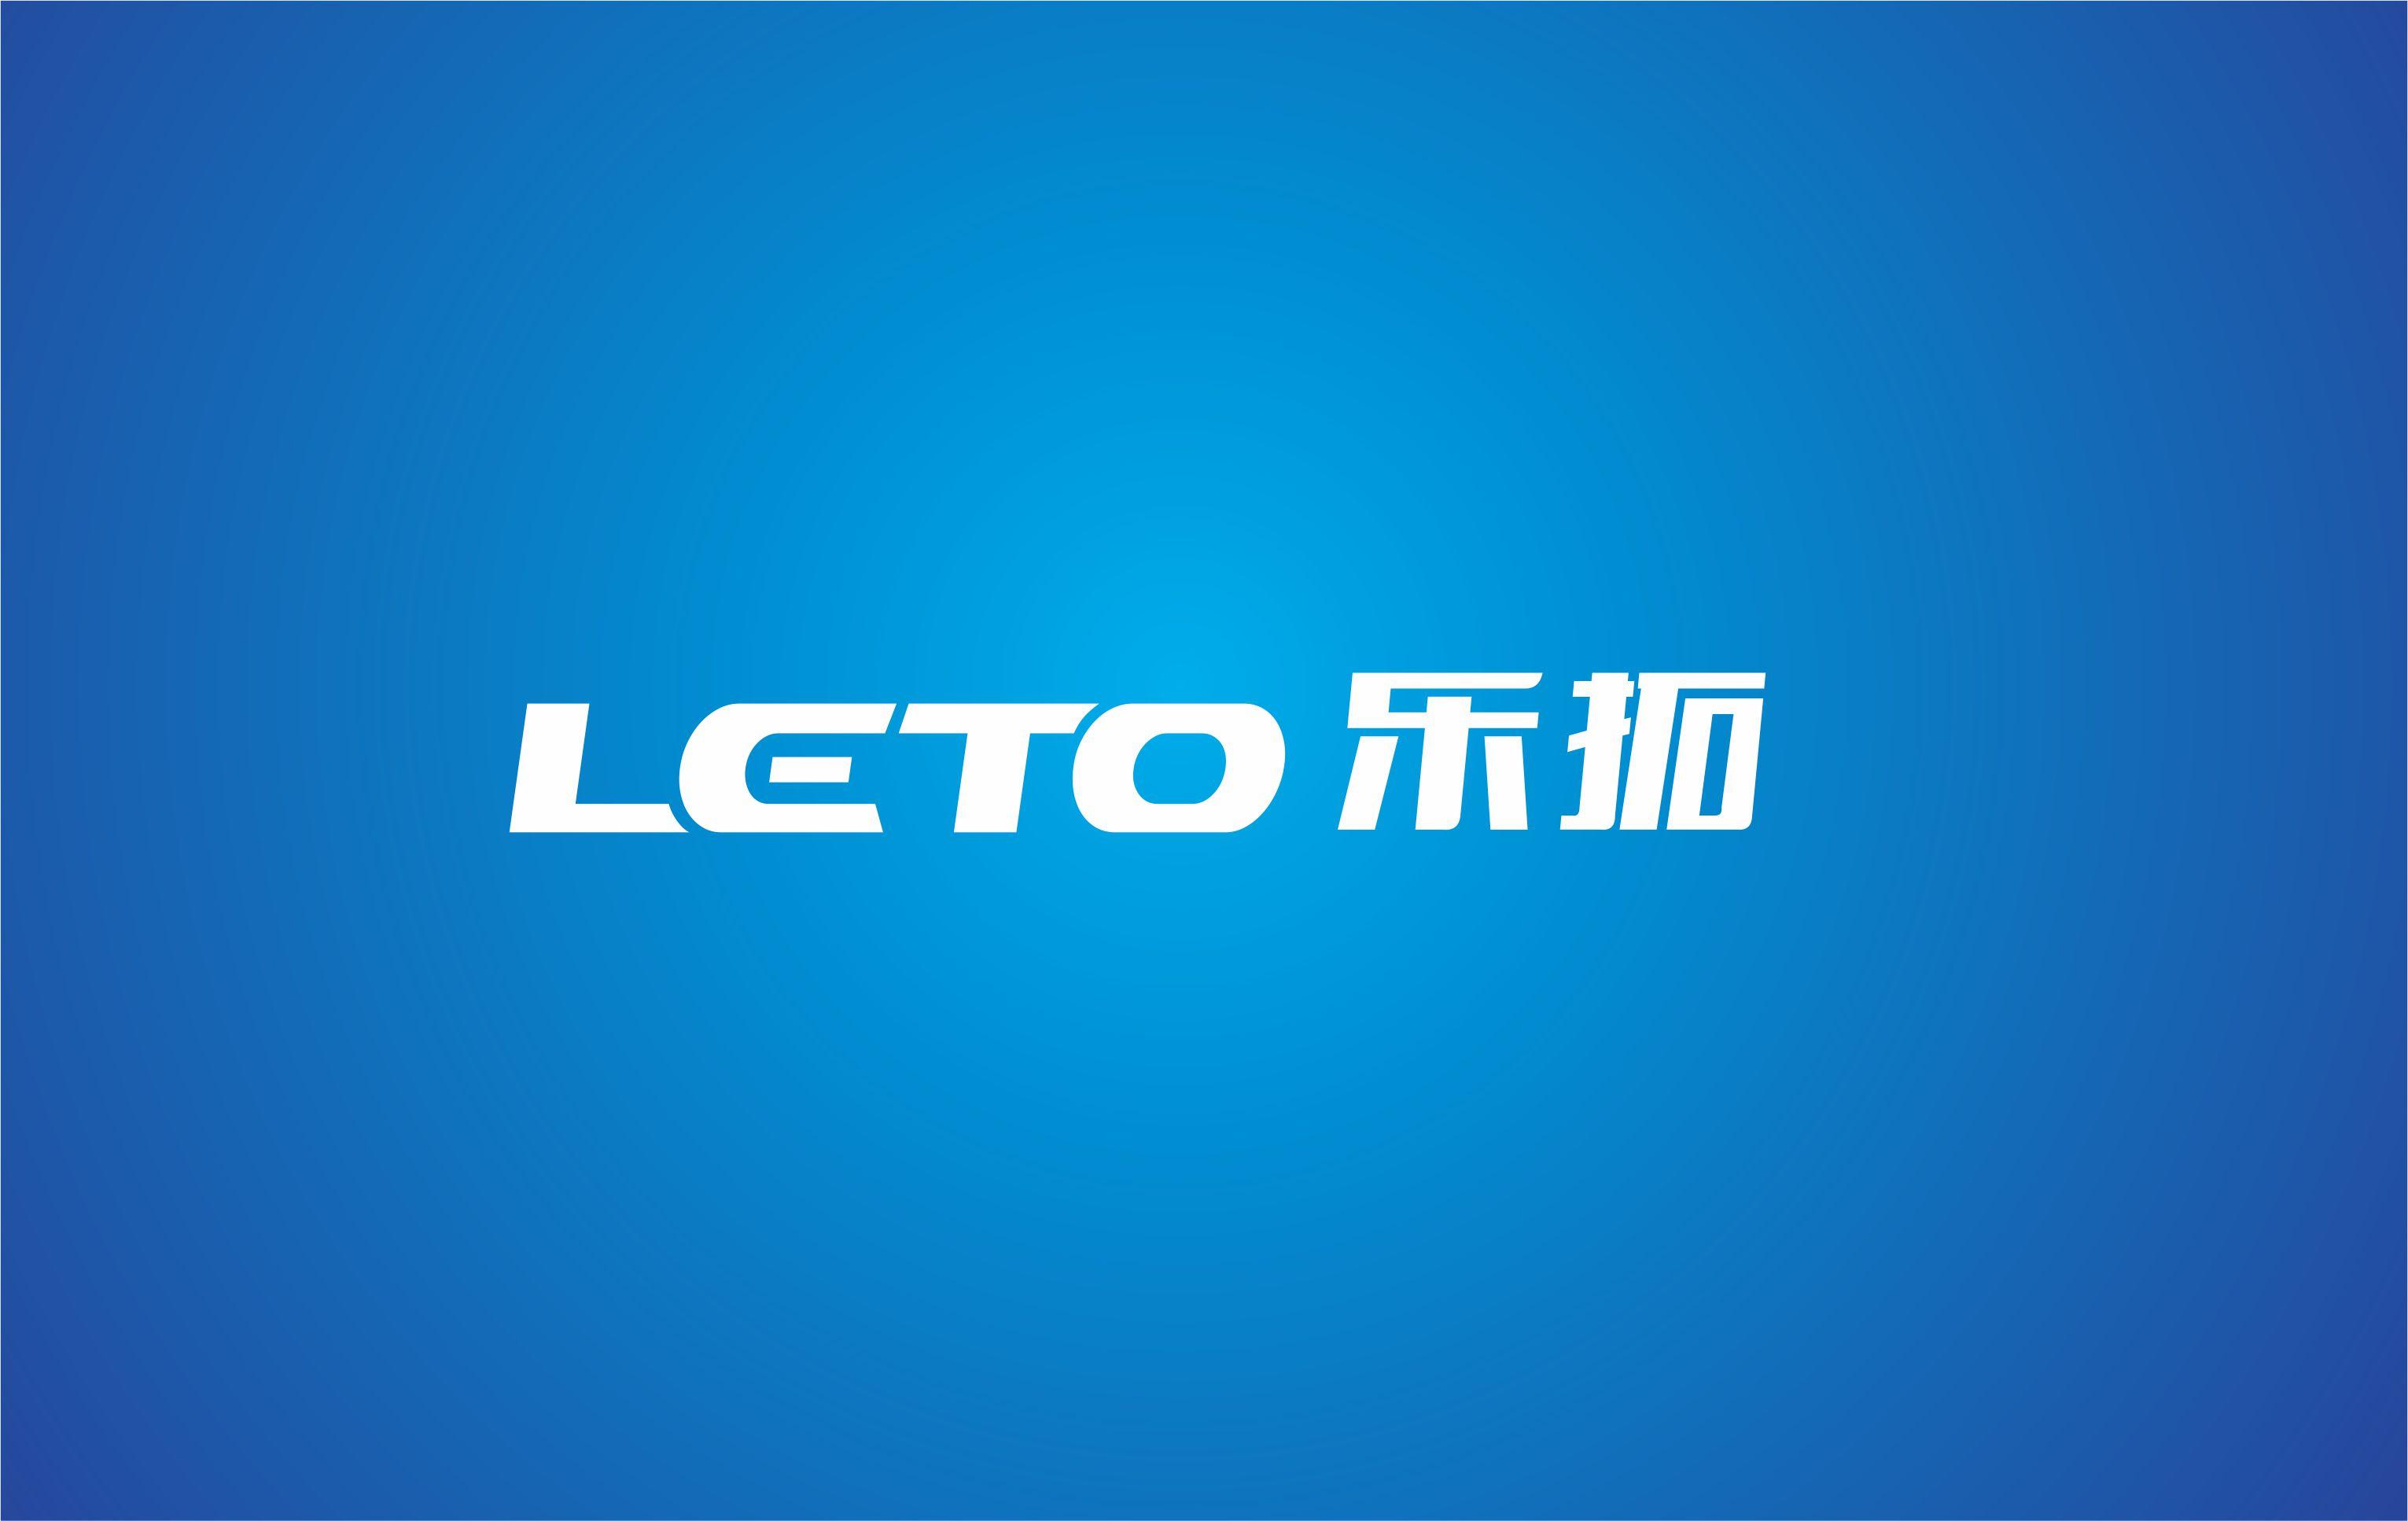 http://b-ssl.duitang.com/uploads/item/201206/27/20120627181118_FvFnw.thumb.700_0.gif_http://img11.weikeimg.